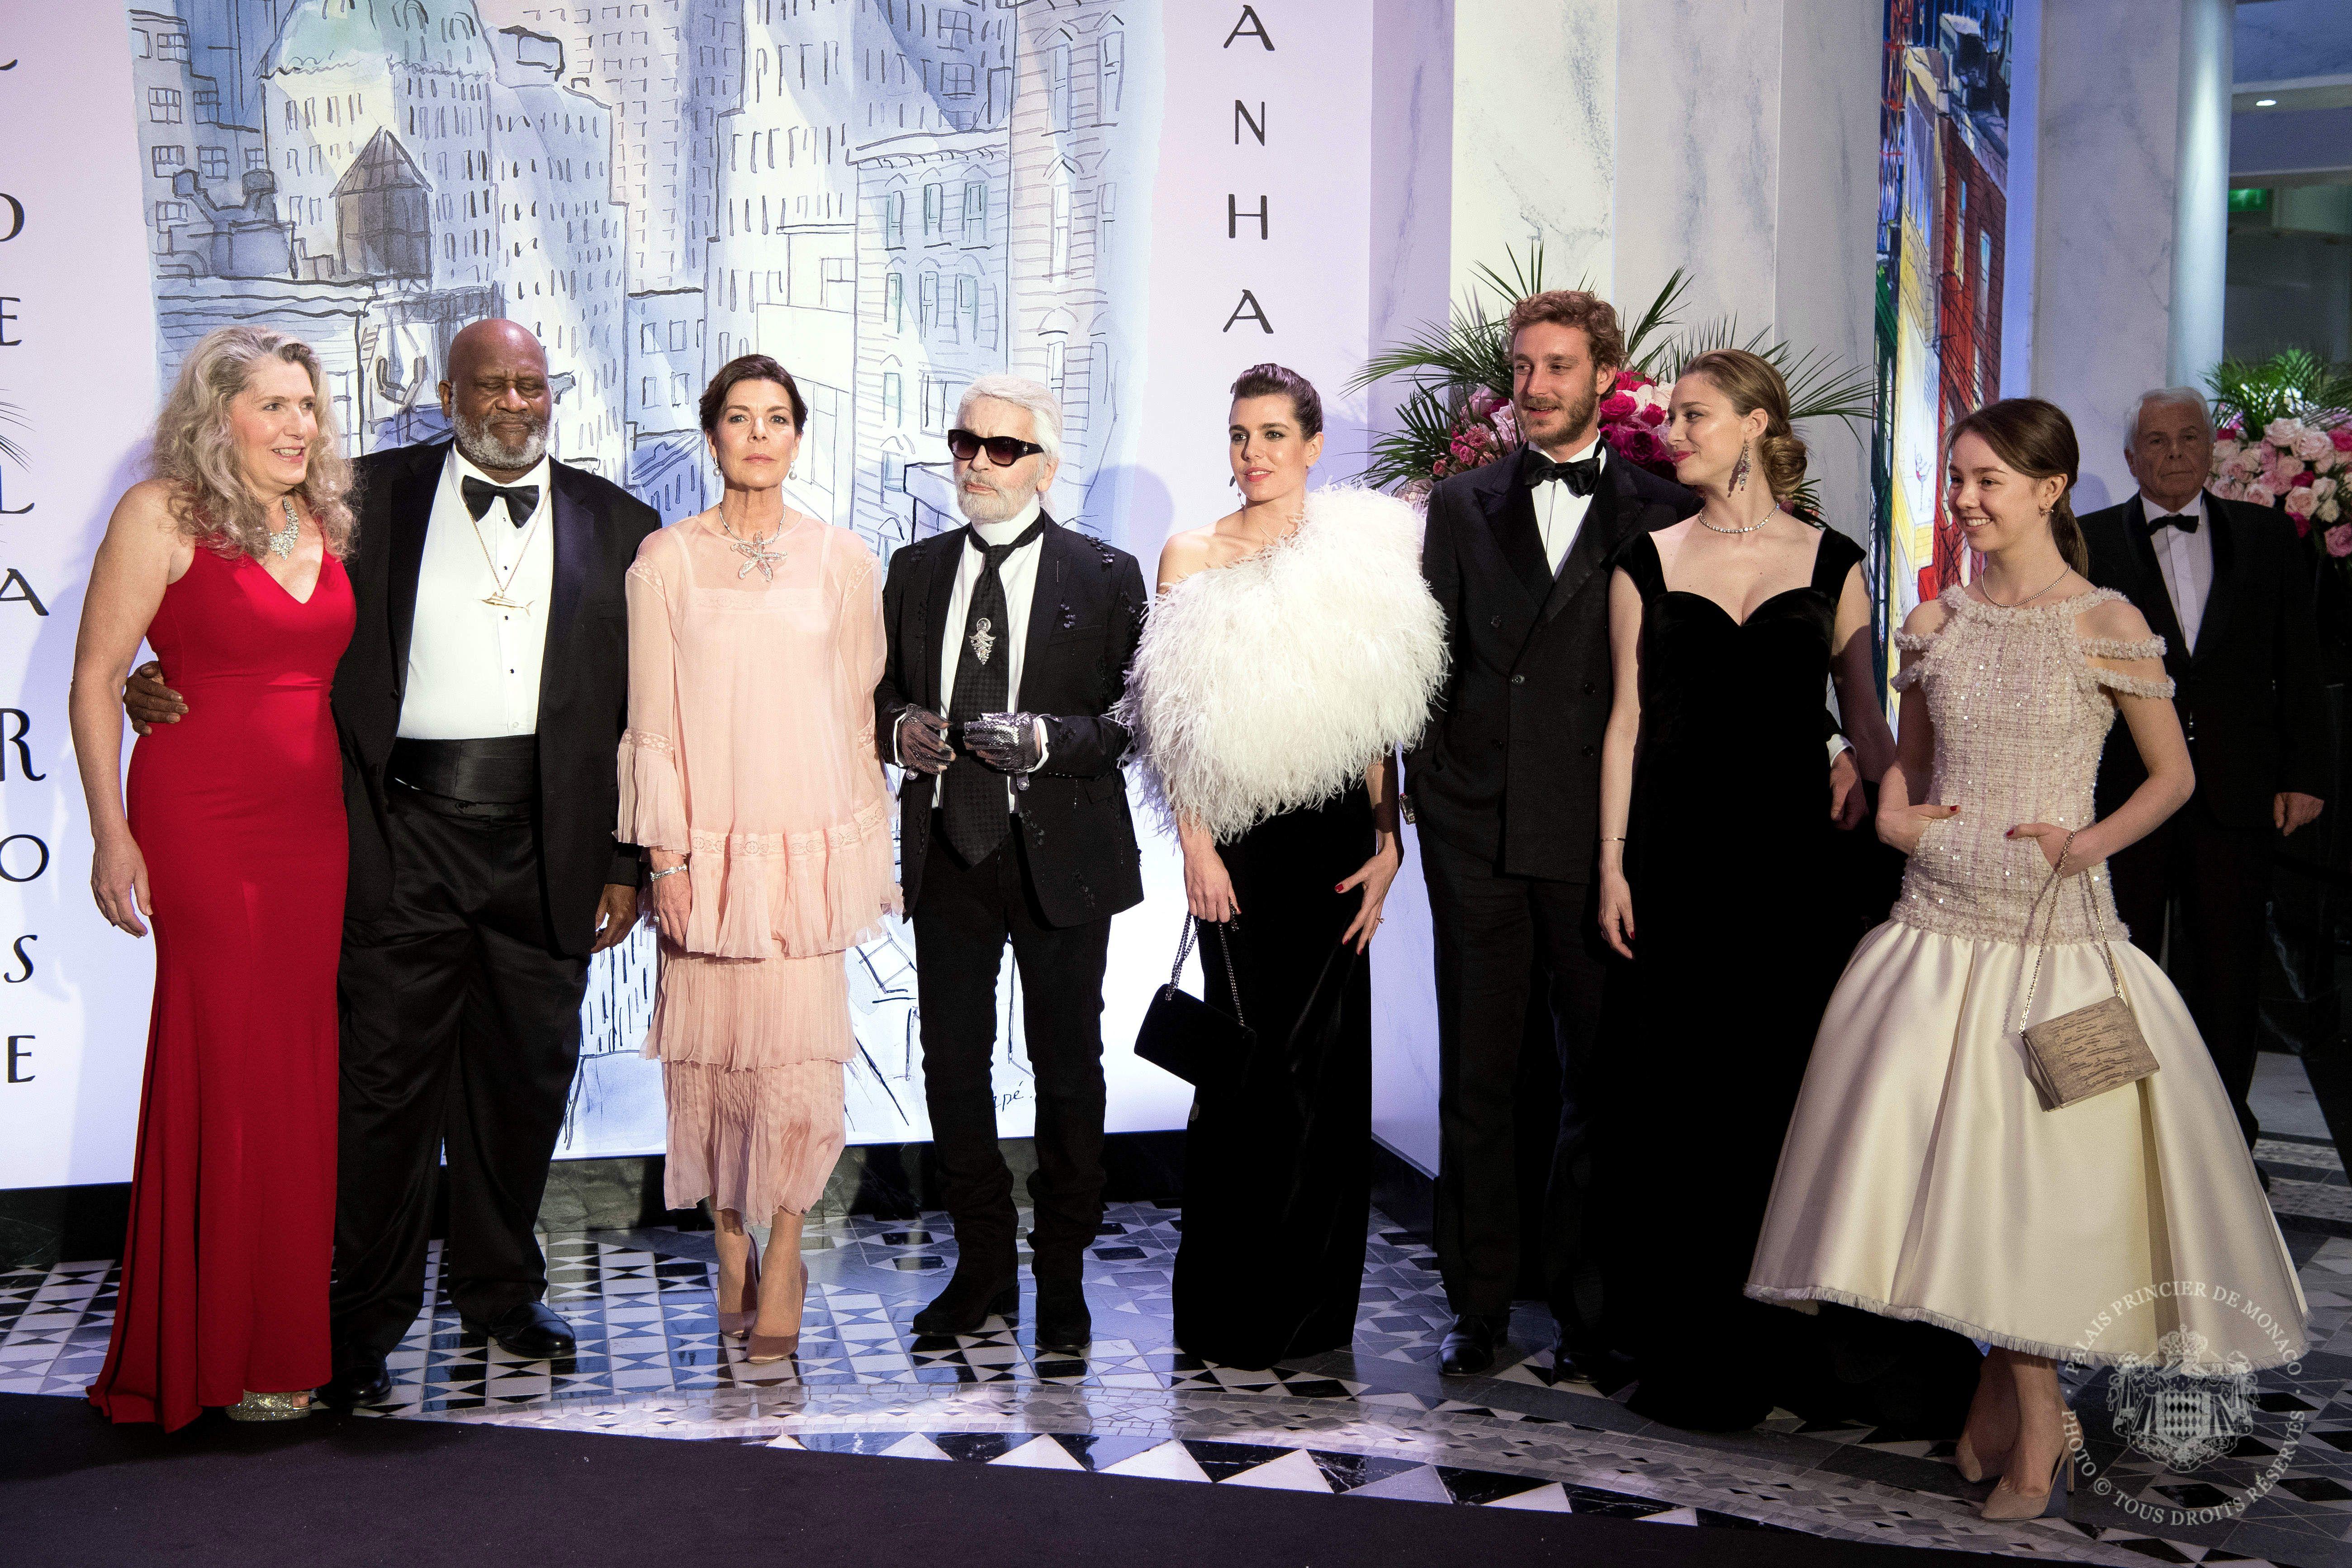 La familia real de Mónaco ha celebrado la 64 edición del Baile de la Rosa, decorada por Karl Lagerfeld, donde Carlota Casiraghi ha hecho oficial su compromiso y Beatrice Borromeo ha anunciado su segundo embarazo.